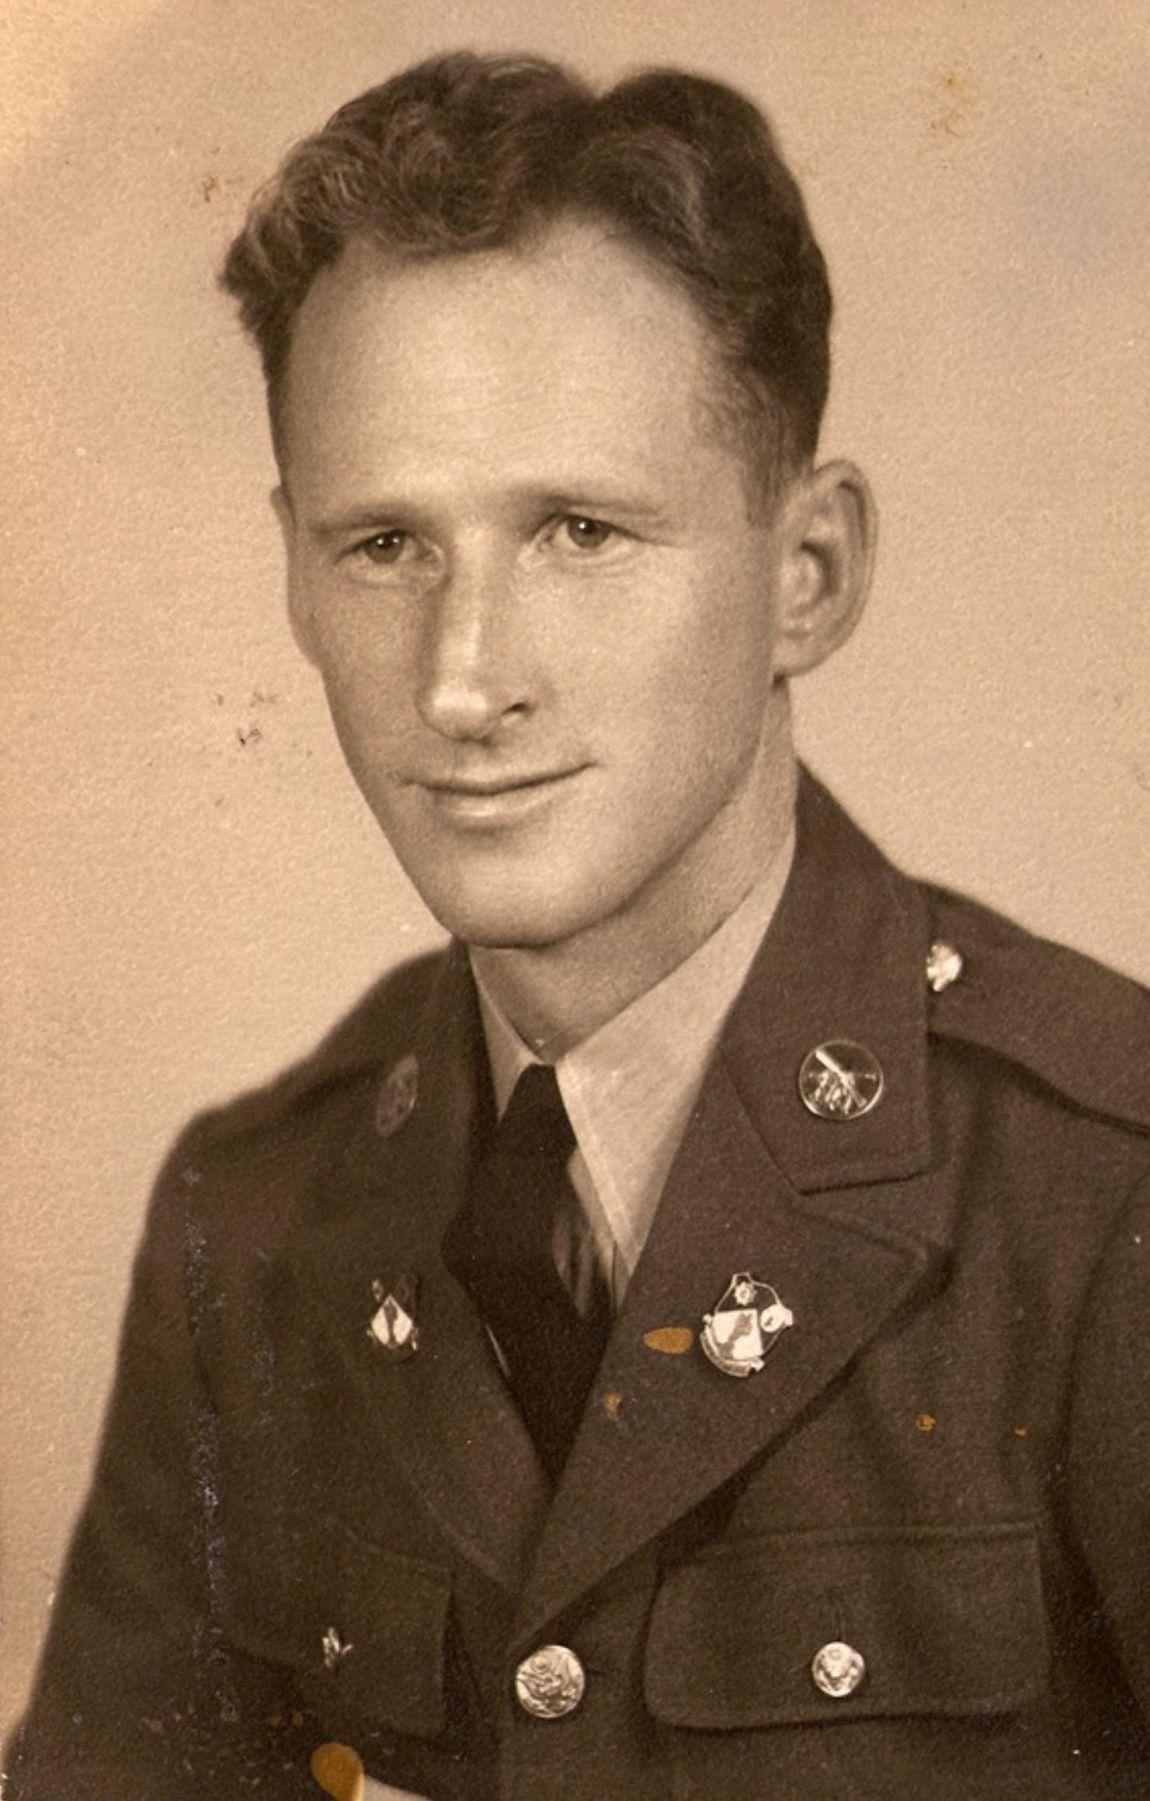 Lt. Clement C. McGuire